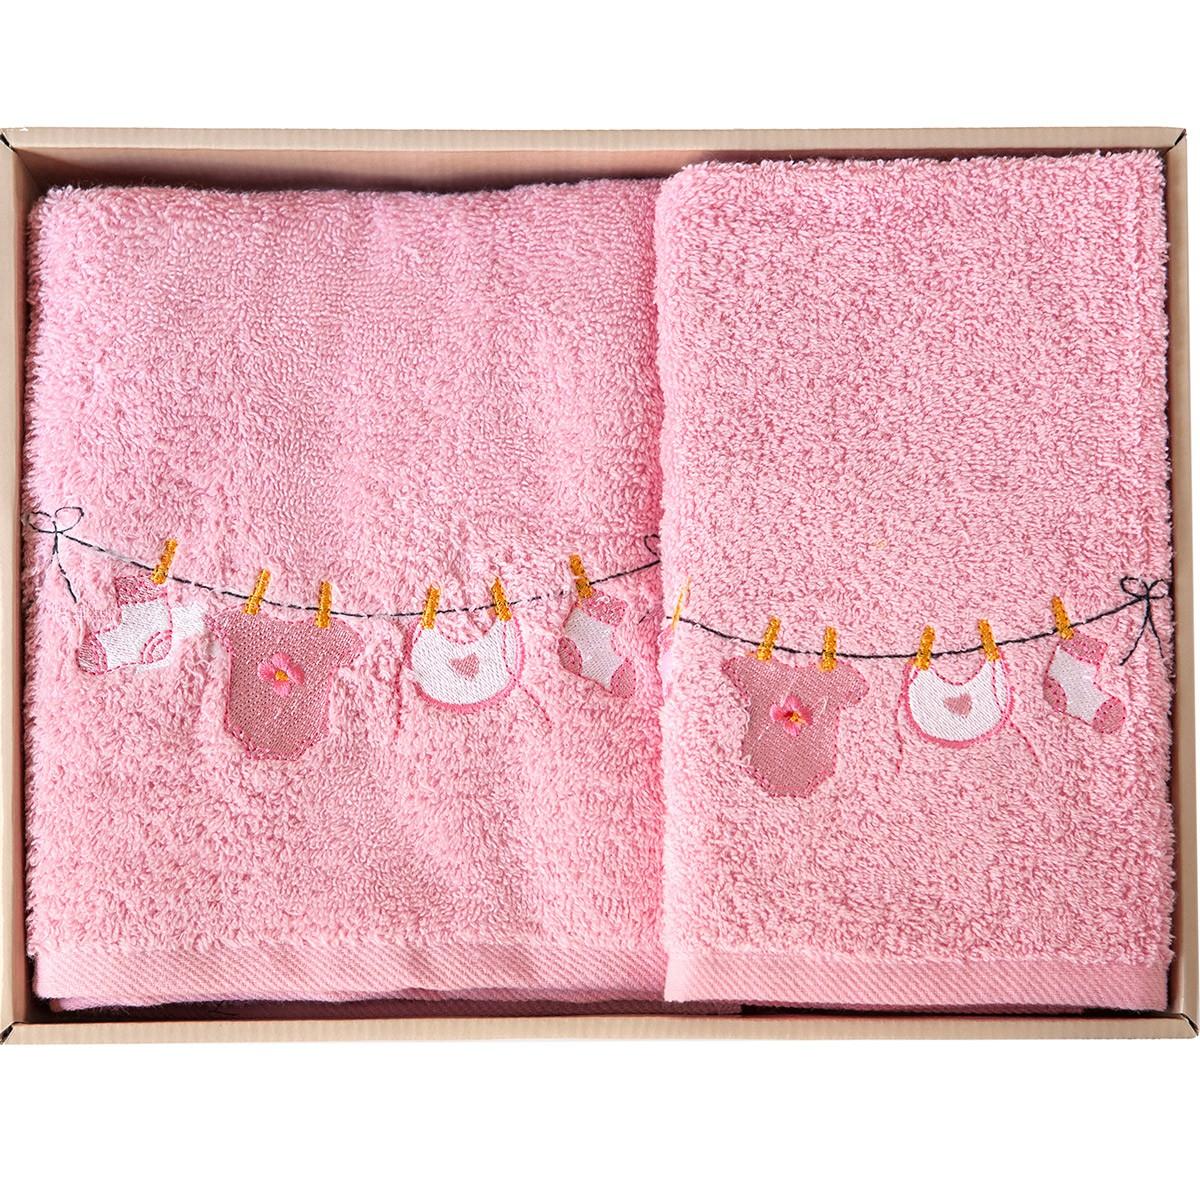 Βρεφικές Πετσέτες (Σετ 2τμχ) Melinen Clothes Pink X Pink home   βρεφικά   πετσέτες βρεφικές